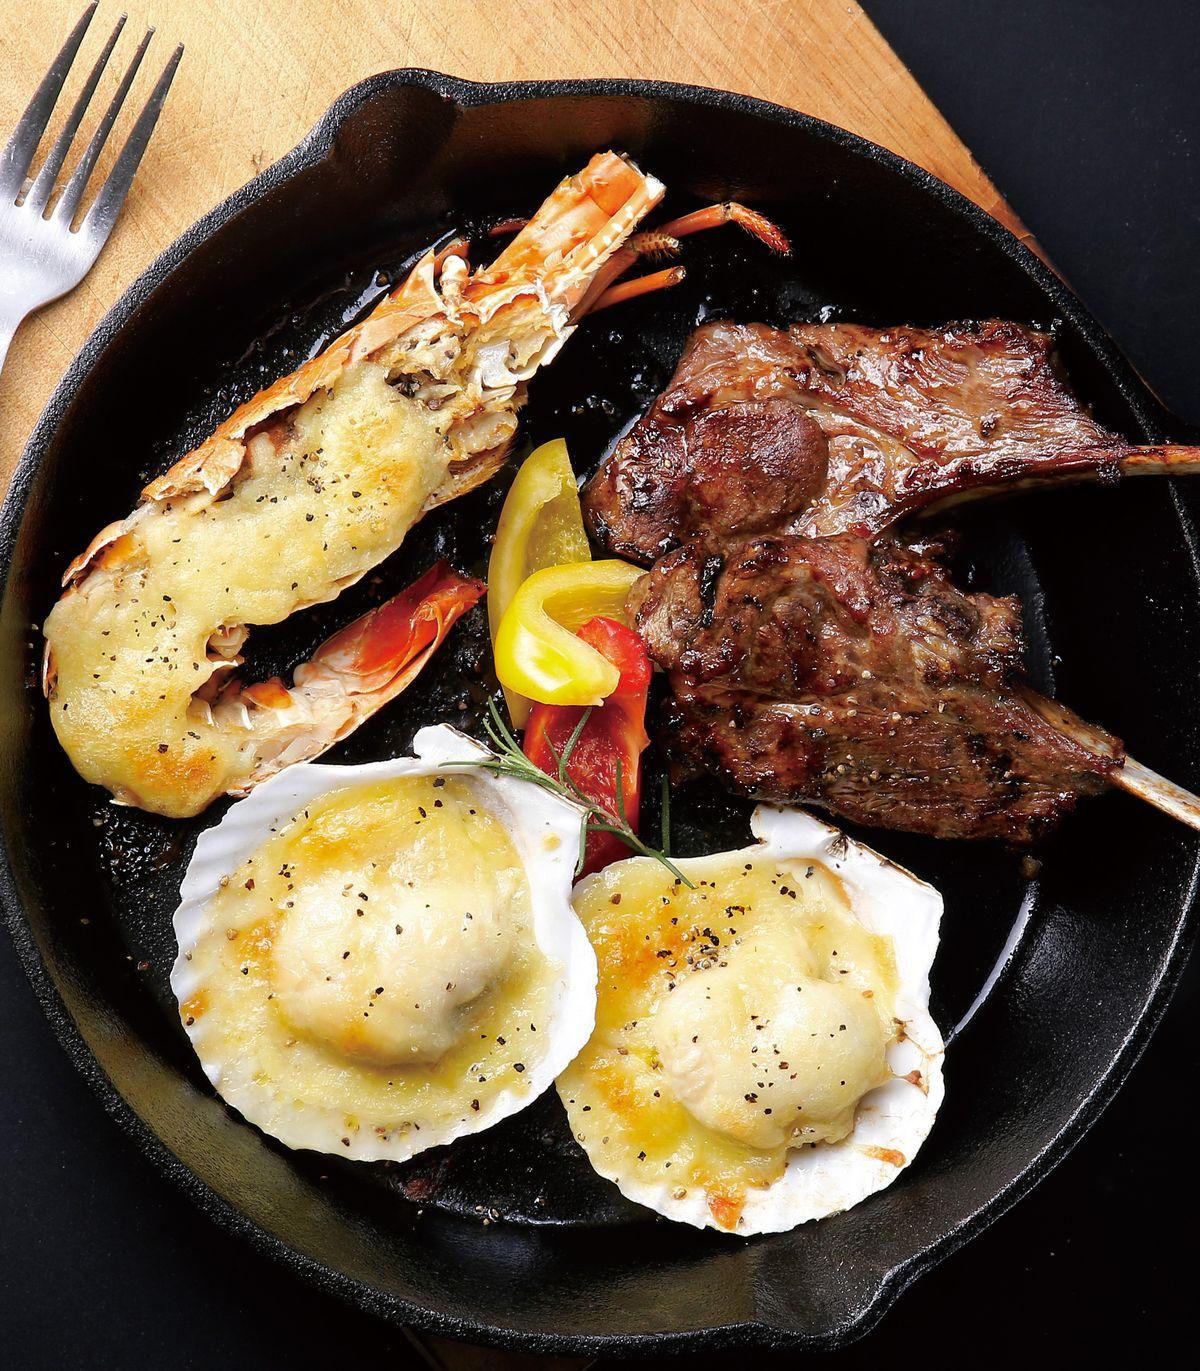 食譜:焗烤海陸鍋